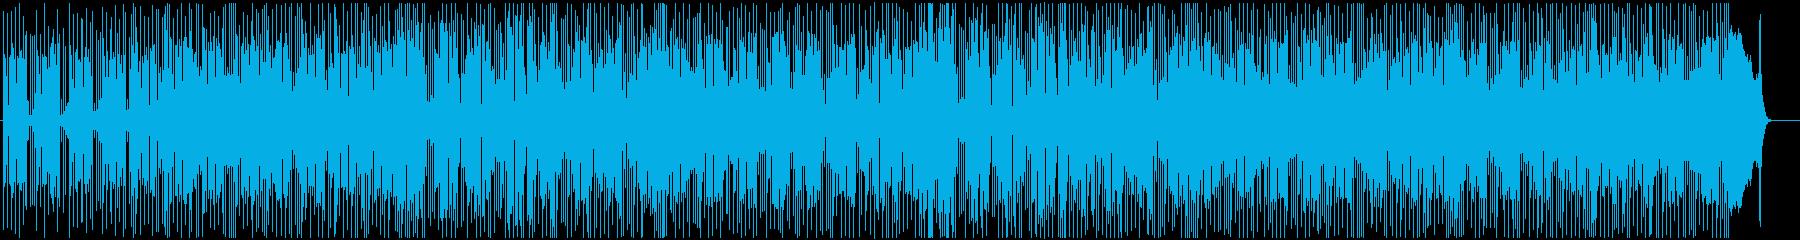 クールでドライな雰囲気のブルースロック♪の再生済みの波形